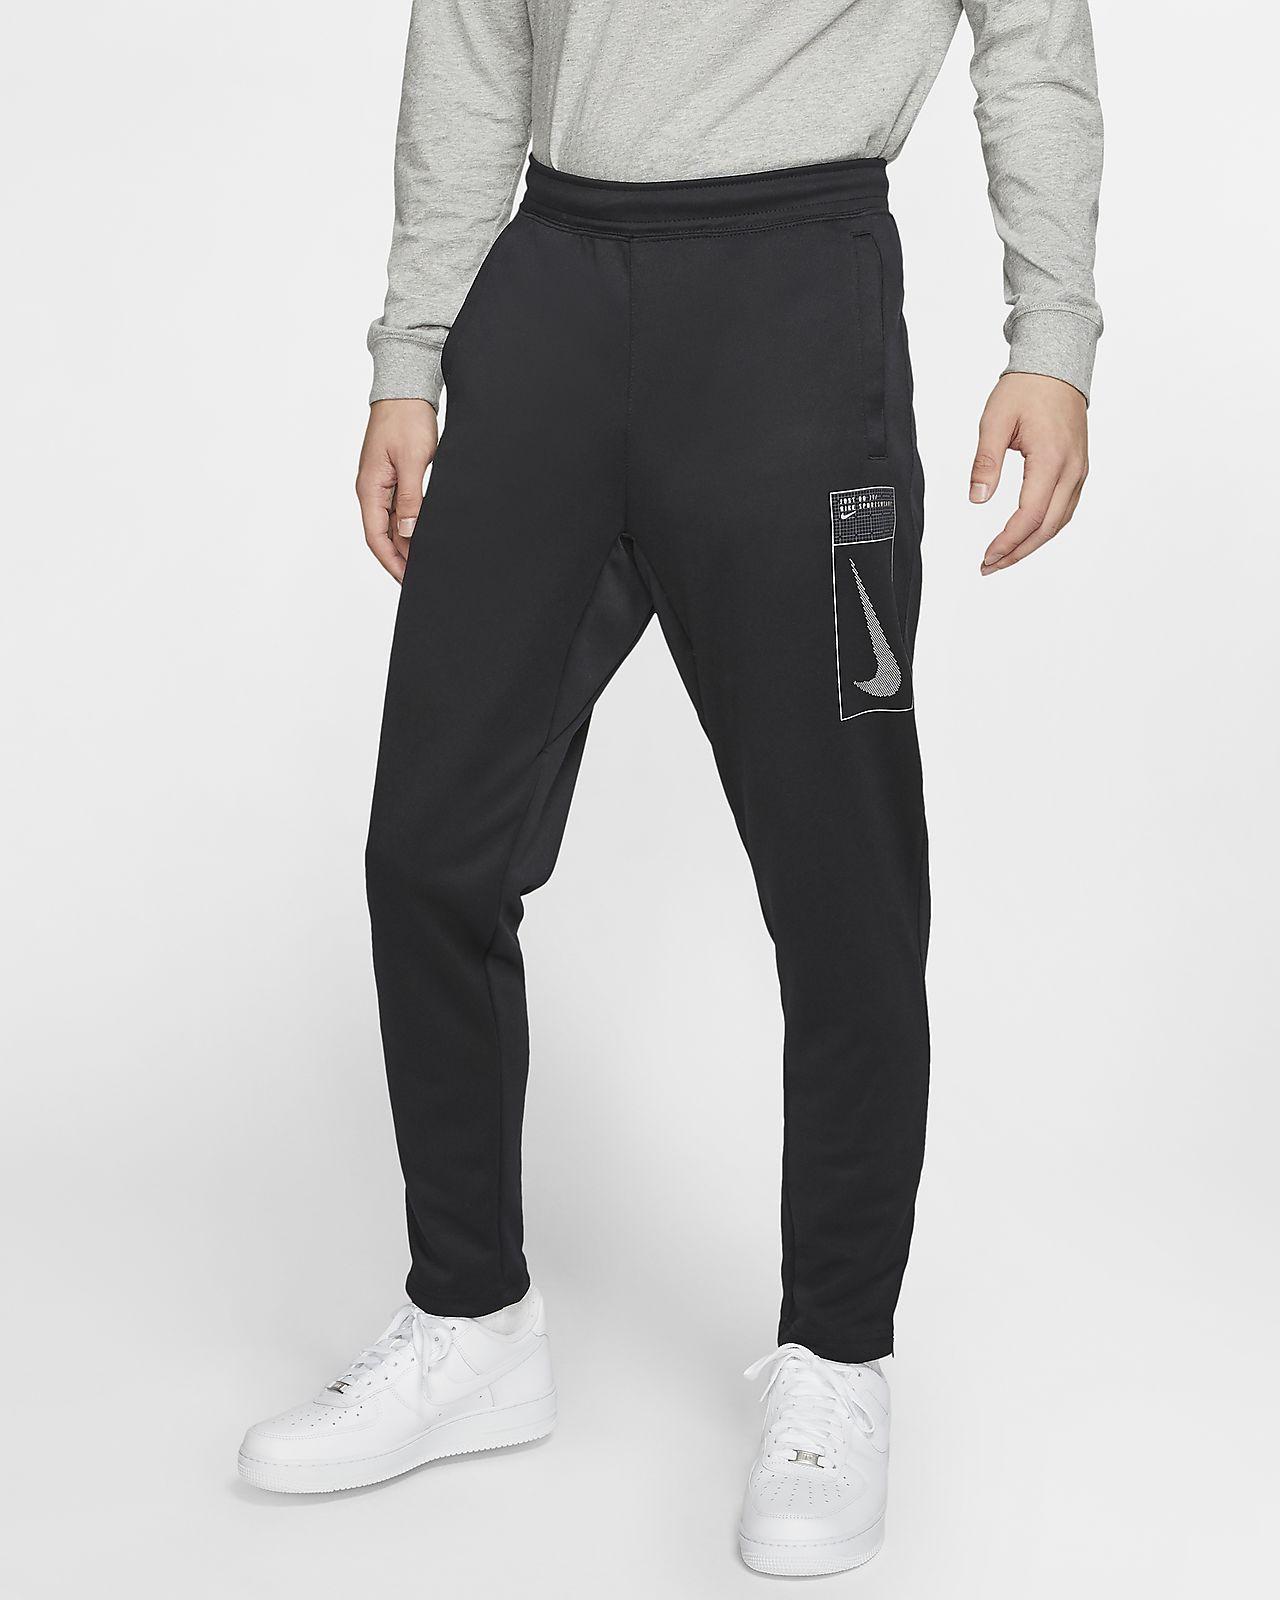 Nike Sportswear Men's Polyknit Trousers